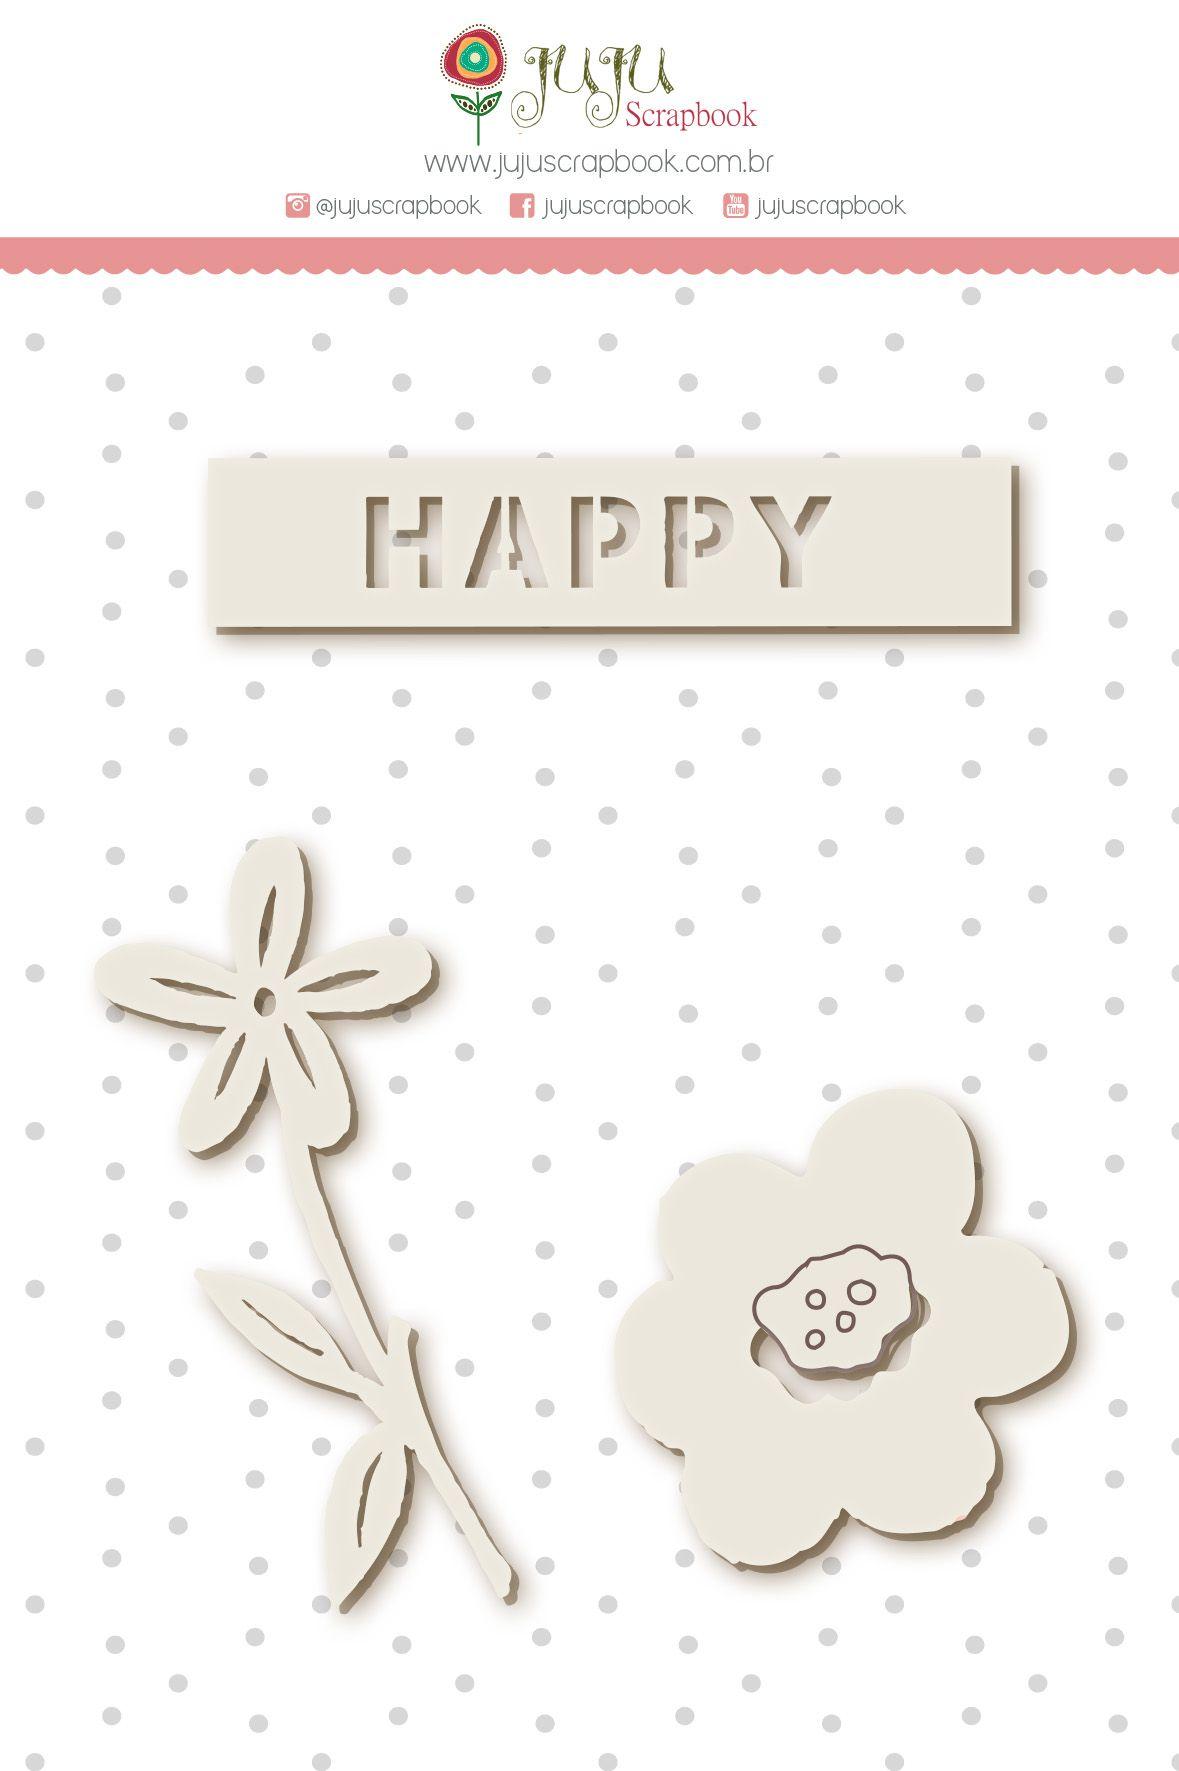 Enfeite Chipboard Branco Happy - Coleção Amizade é Tudo - JuJu Scrapbook  - JuJu Scrapbook